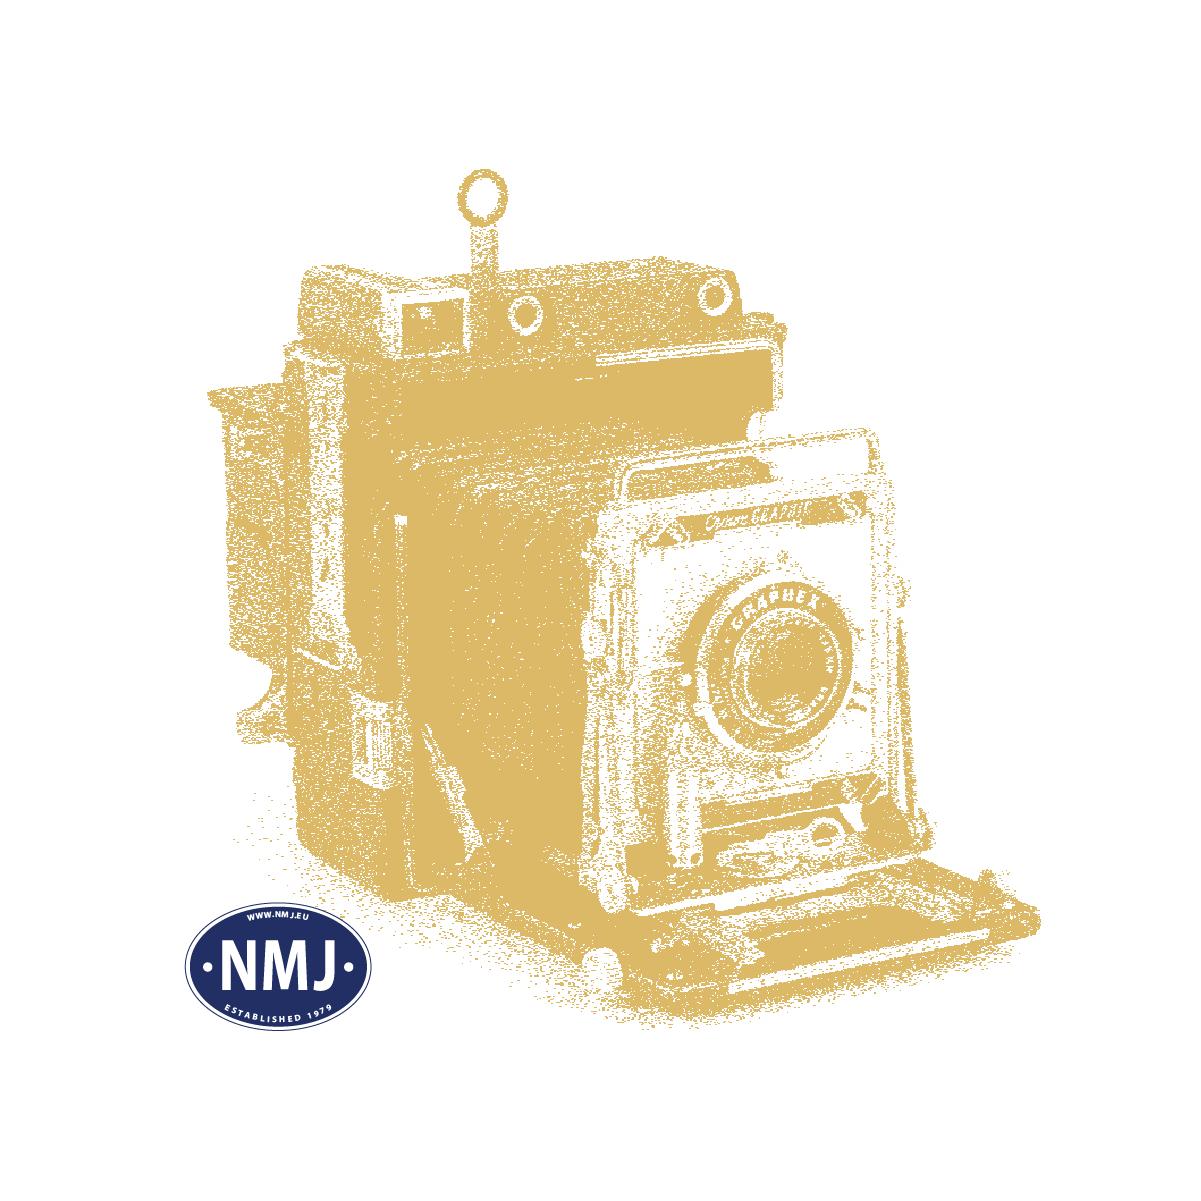 MBR51-4303 - Lerk, Sommer, 18-22 cm, H0